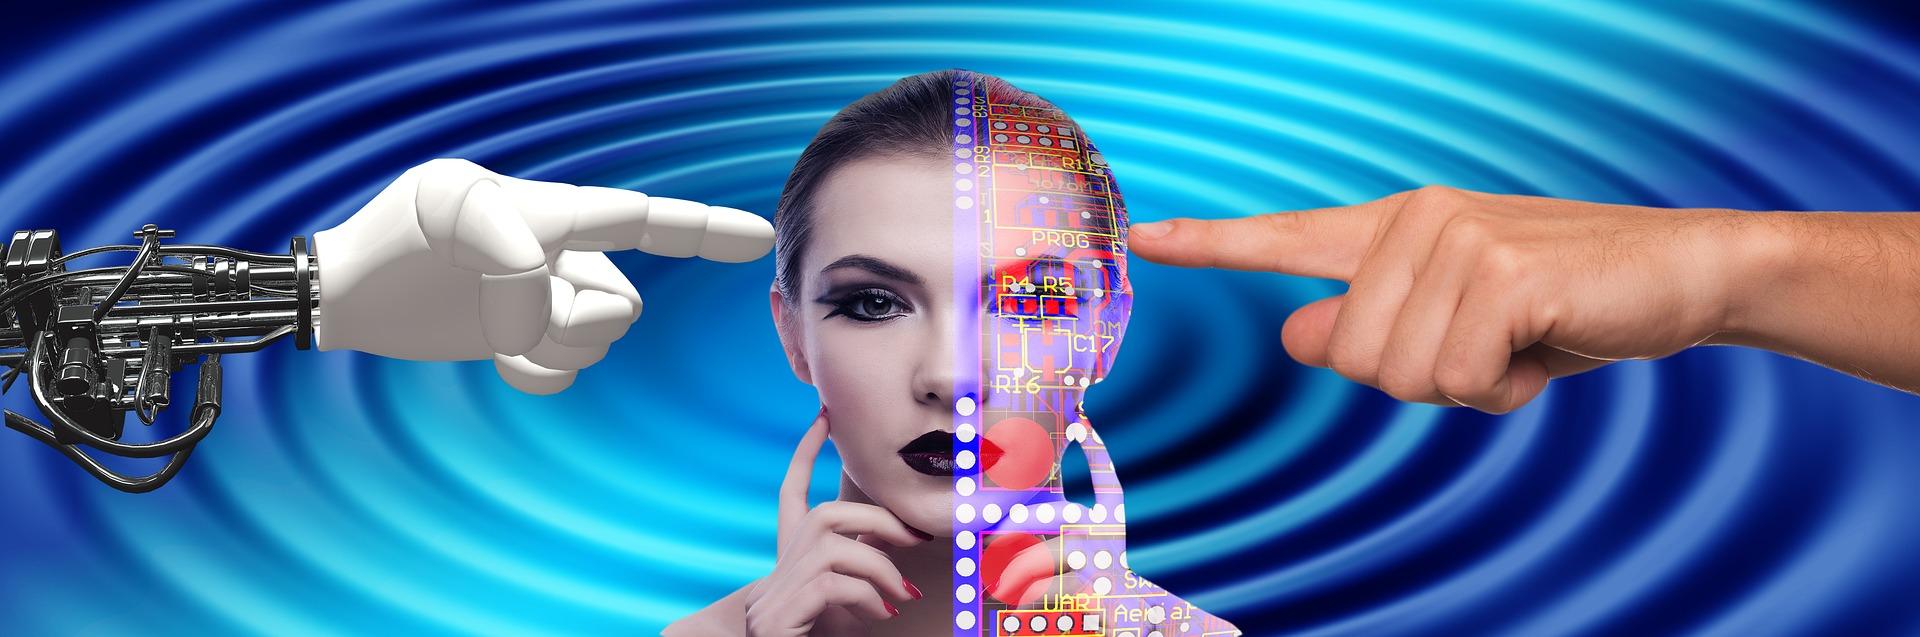 domotica e intelligenza artificiale